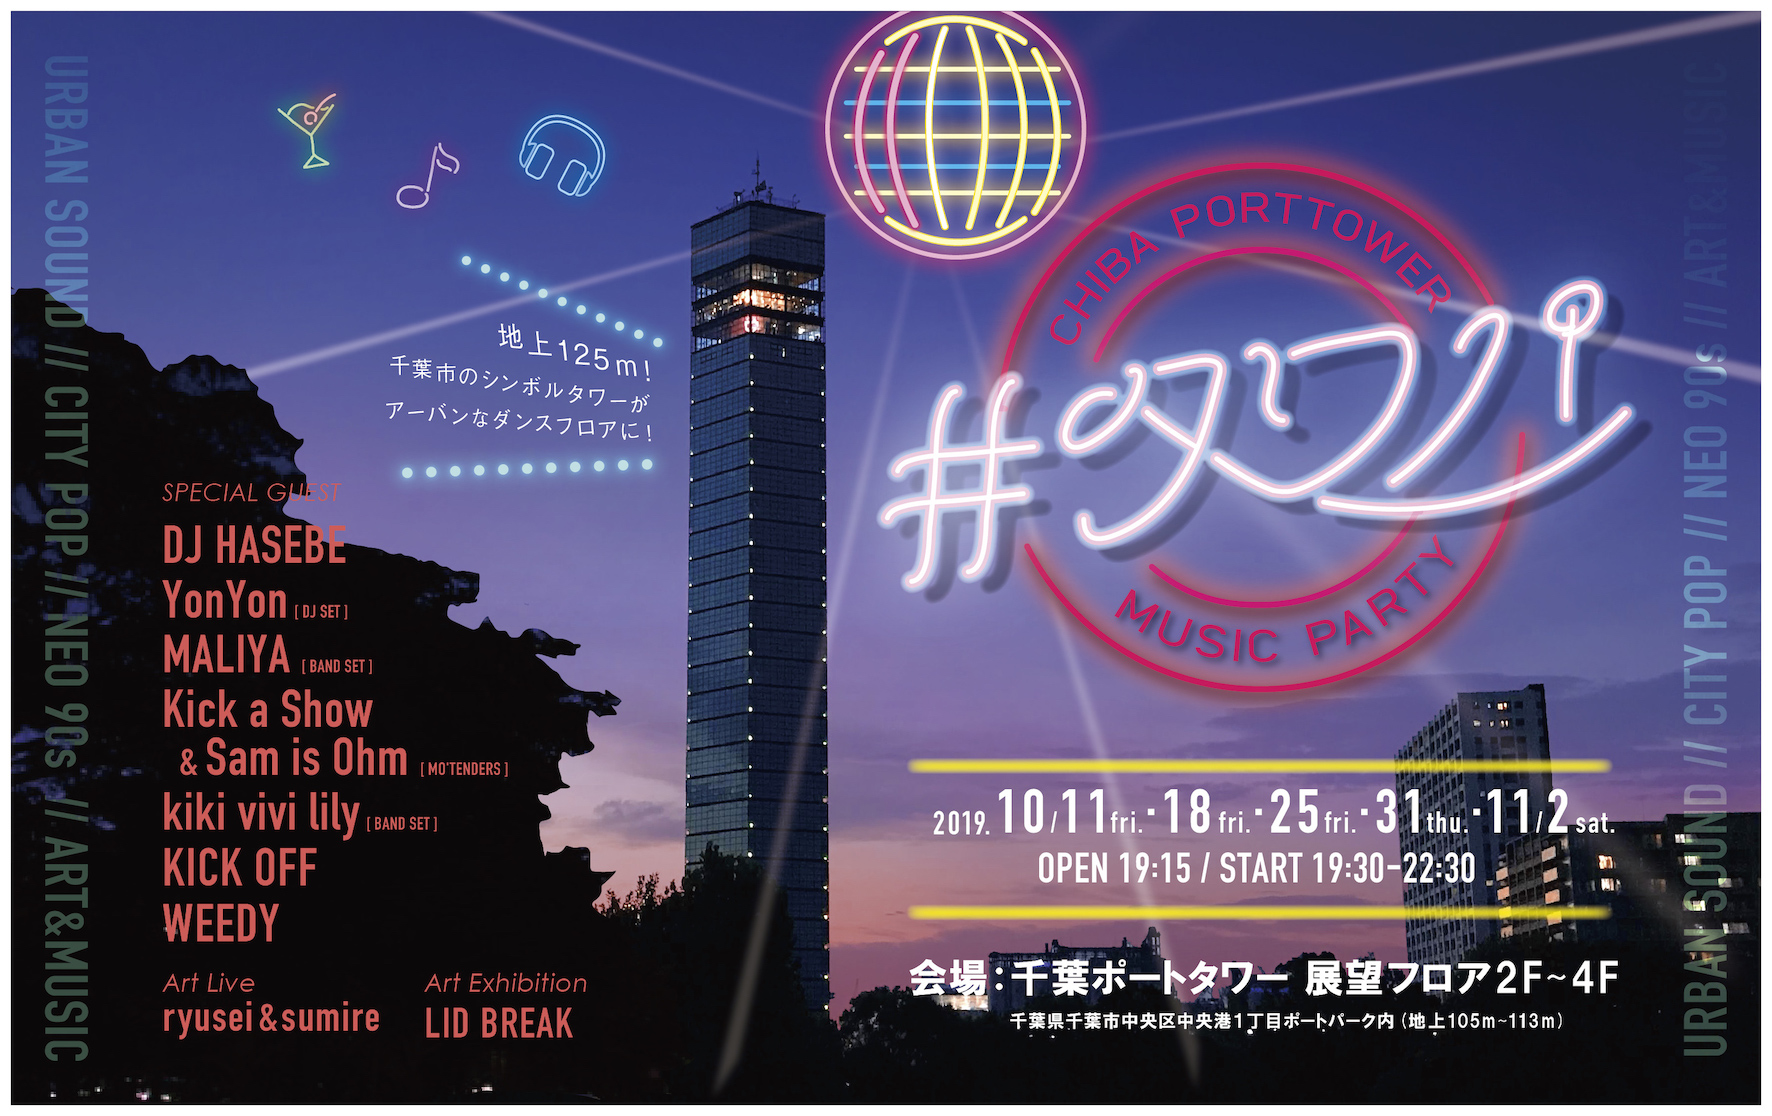 #タワパ -Chiba Porttower Music Party- DAY3 ft. kiki vivi lily